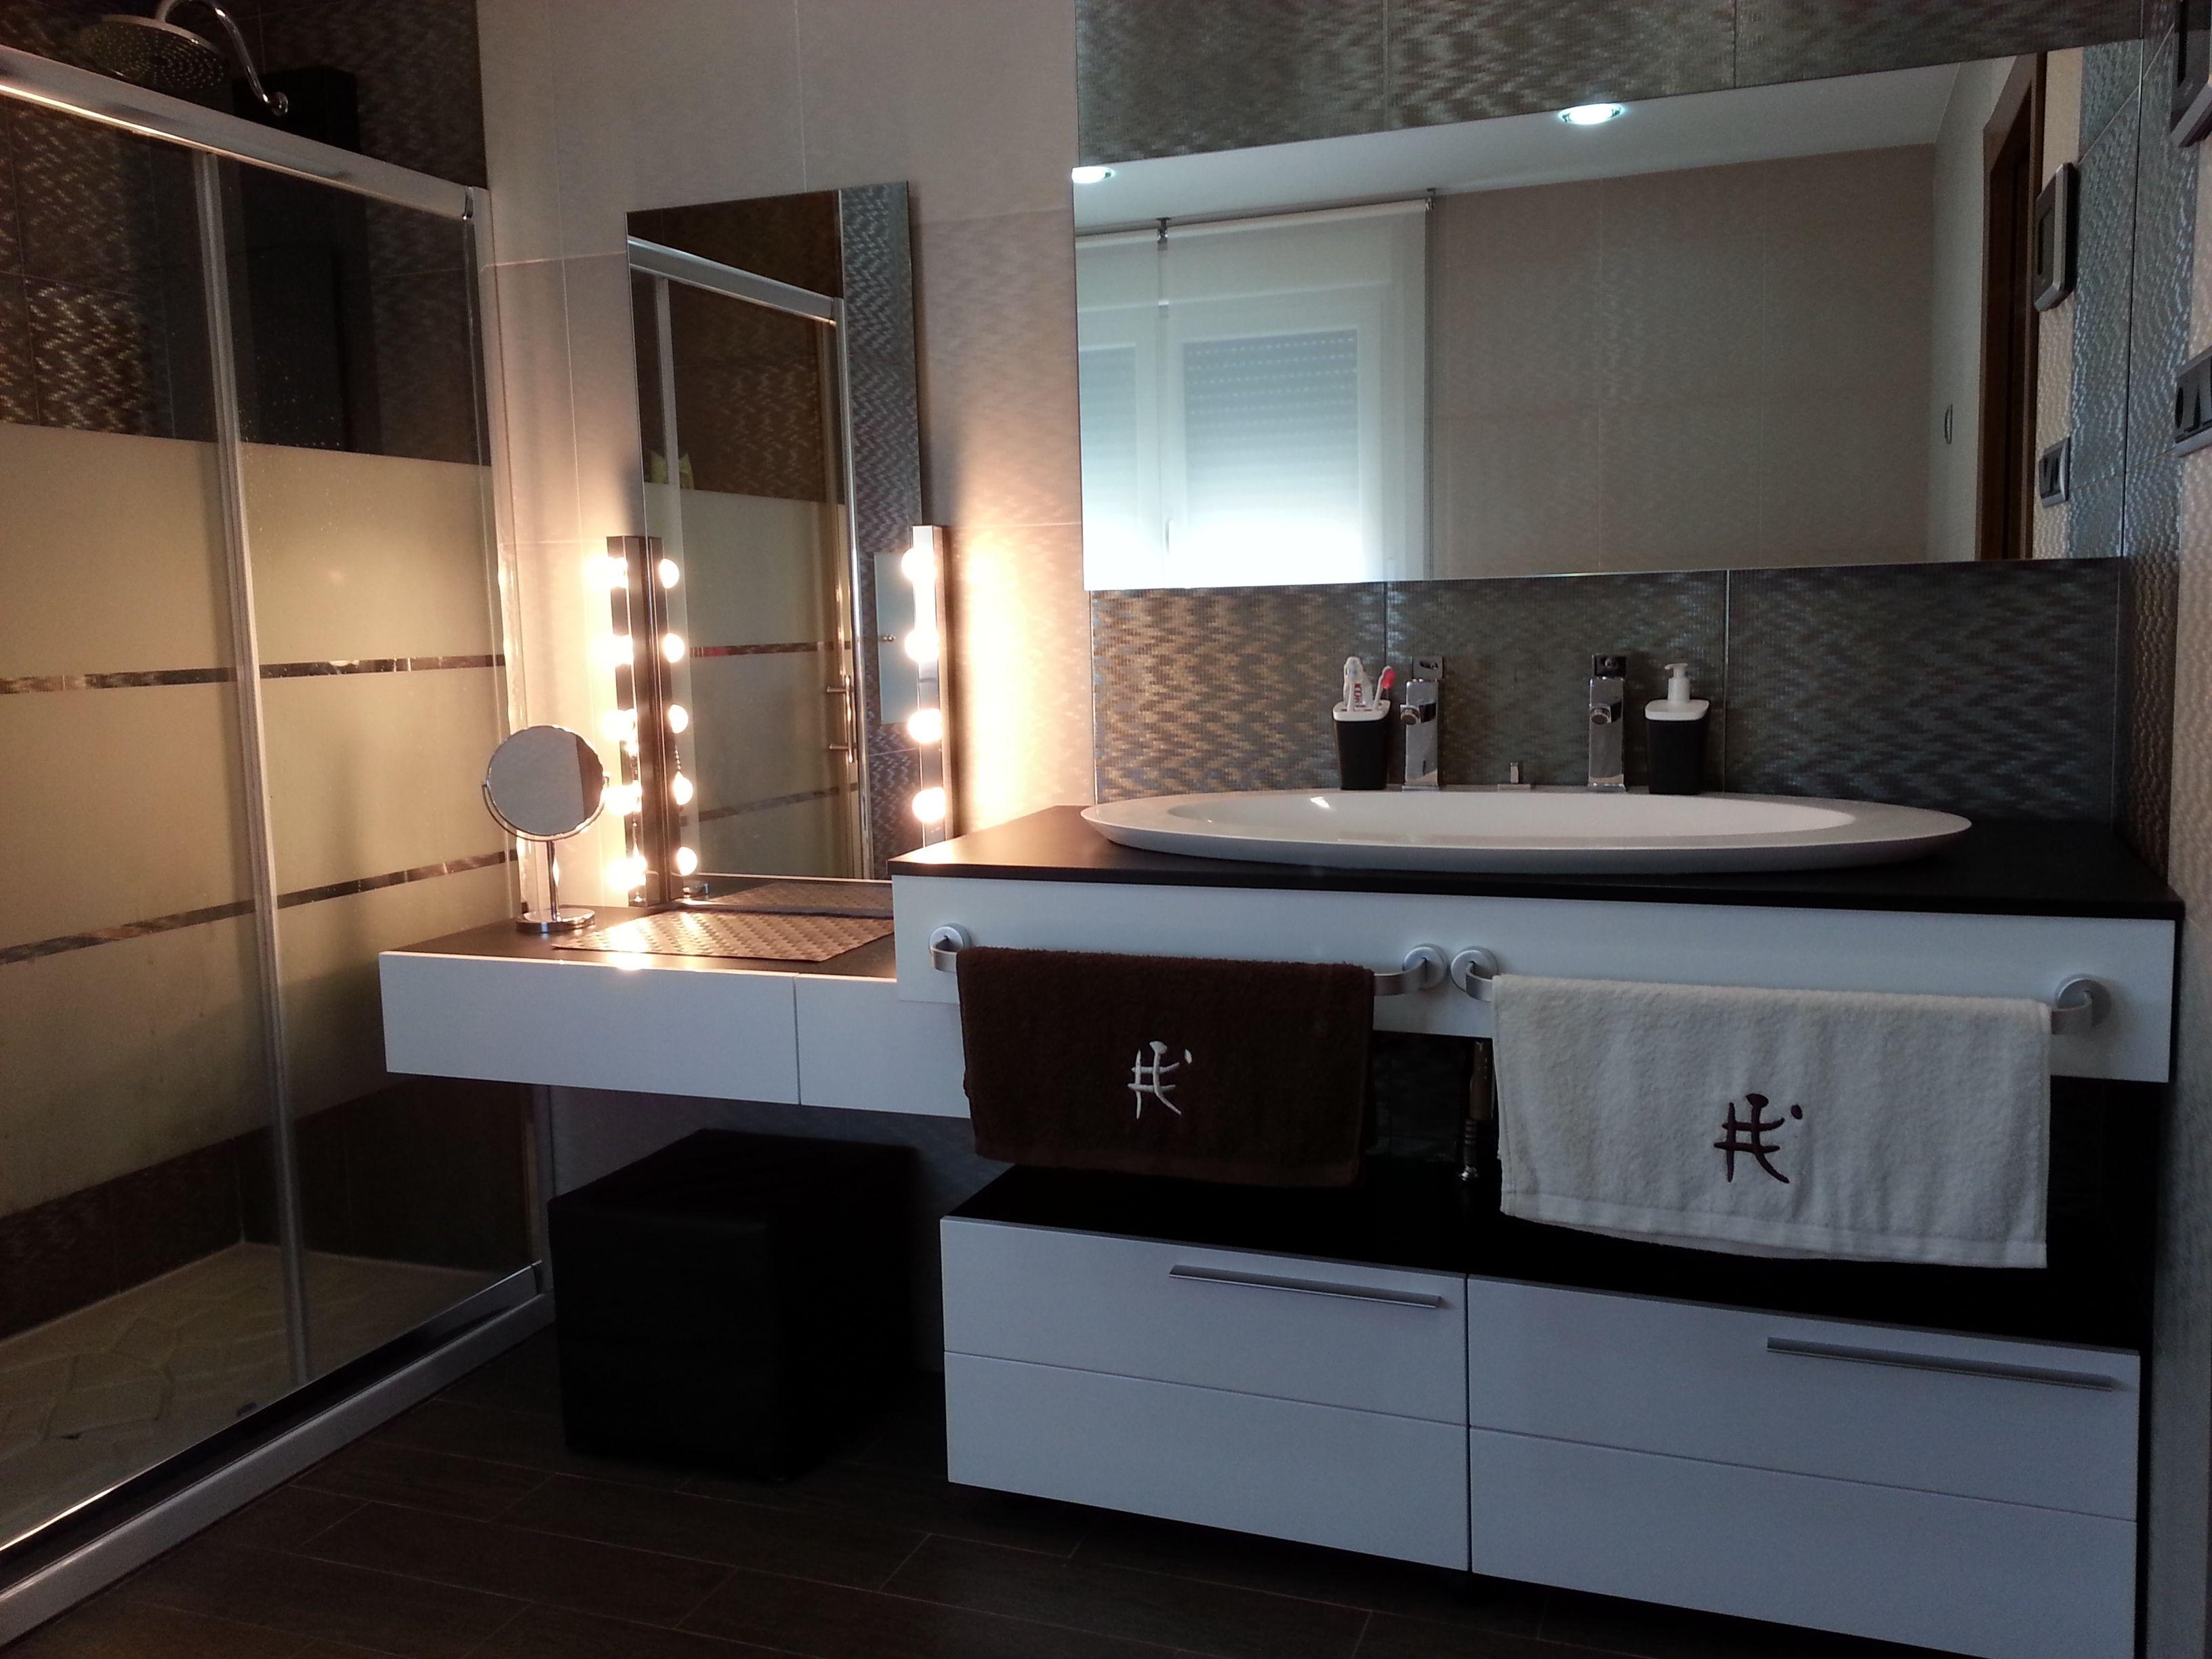 Decoracion moderno ba o tocador lamparas espejos - Lampara para espejo de bano ...